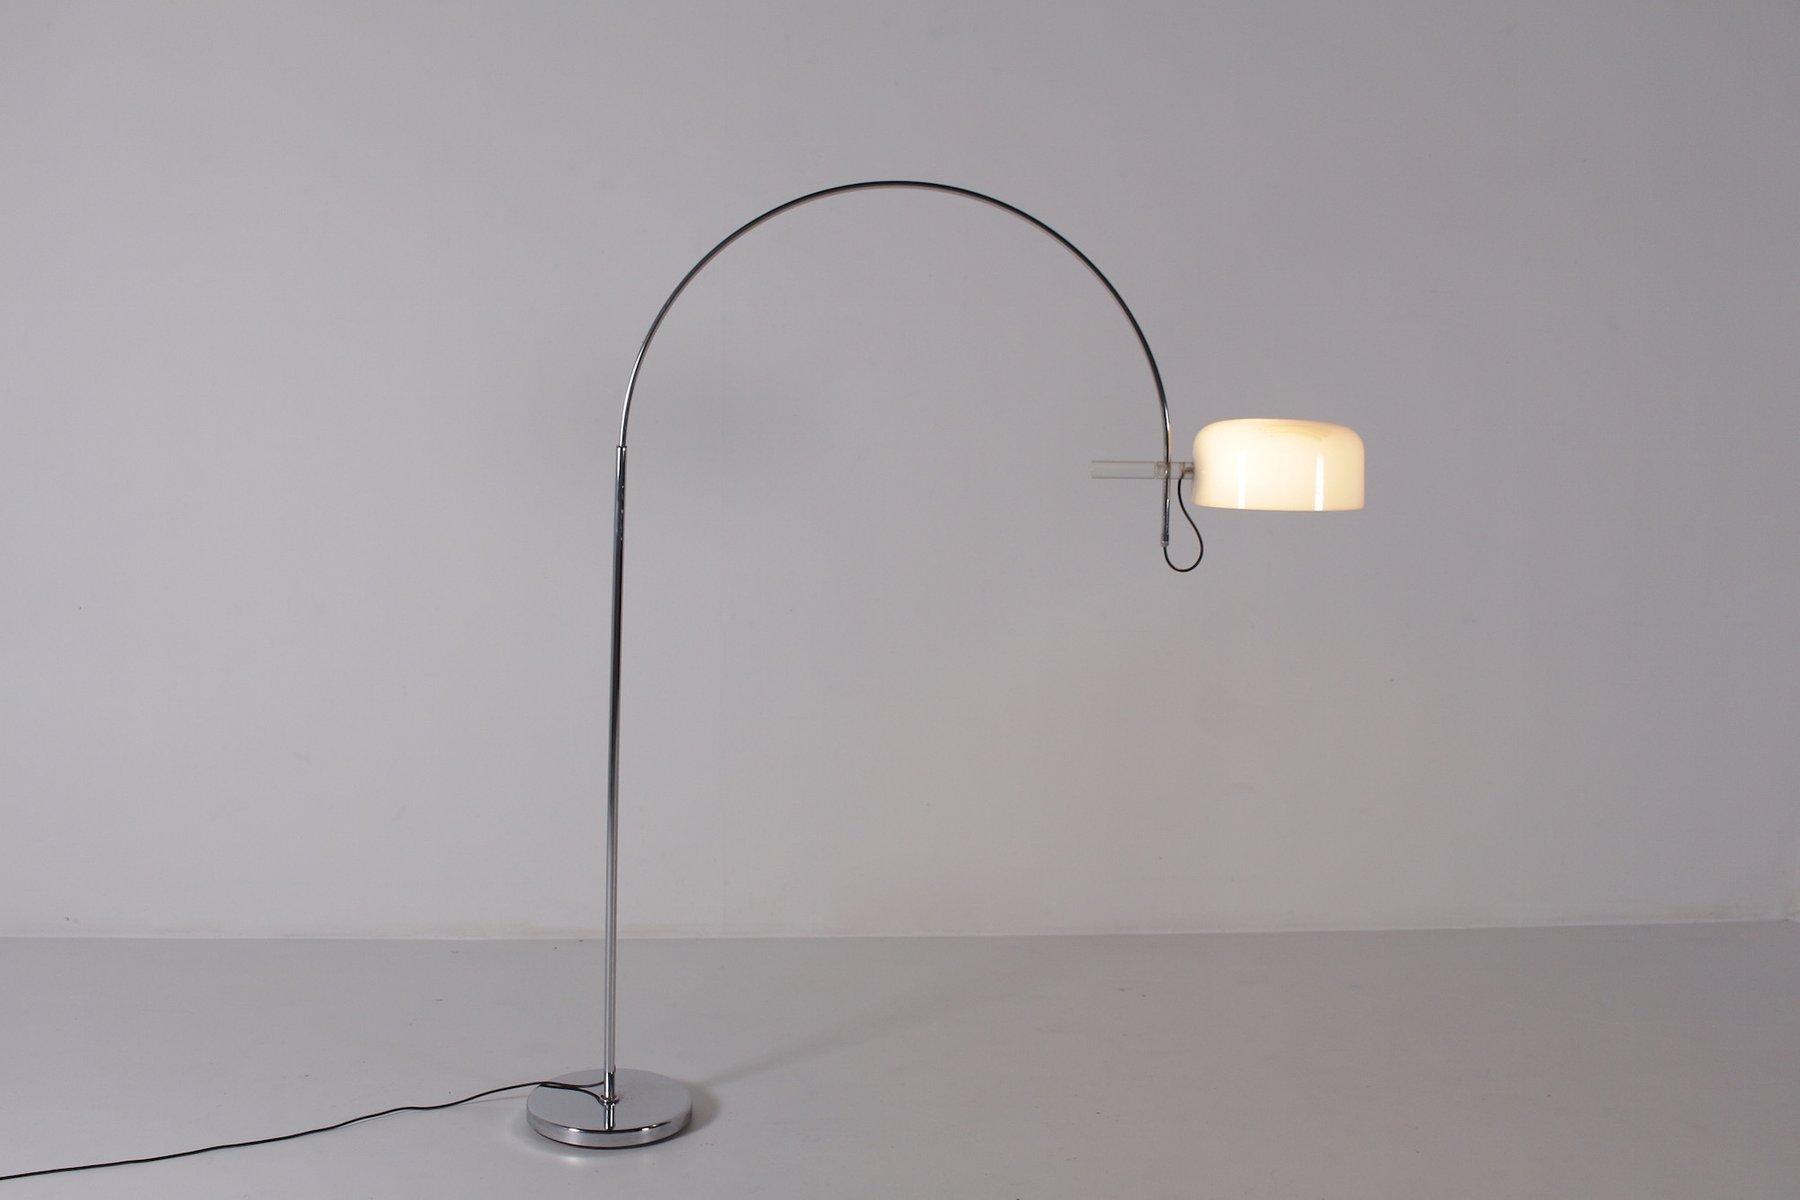 modulare bogen stehlampe 1970er bei pamono kaufen. Black Bedroom Furniture Sets. Home Design Ideas